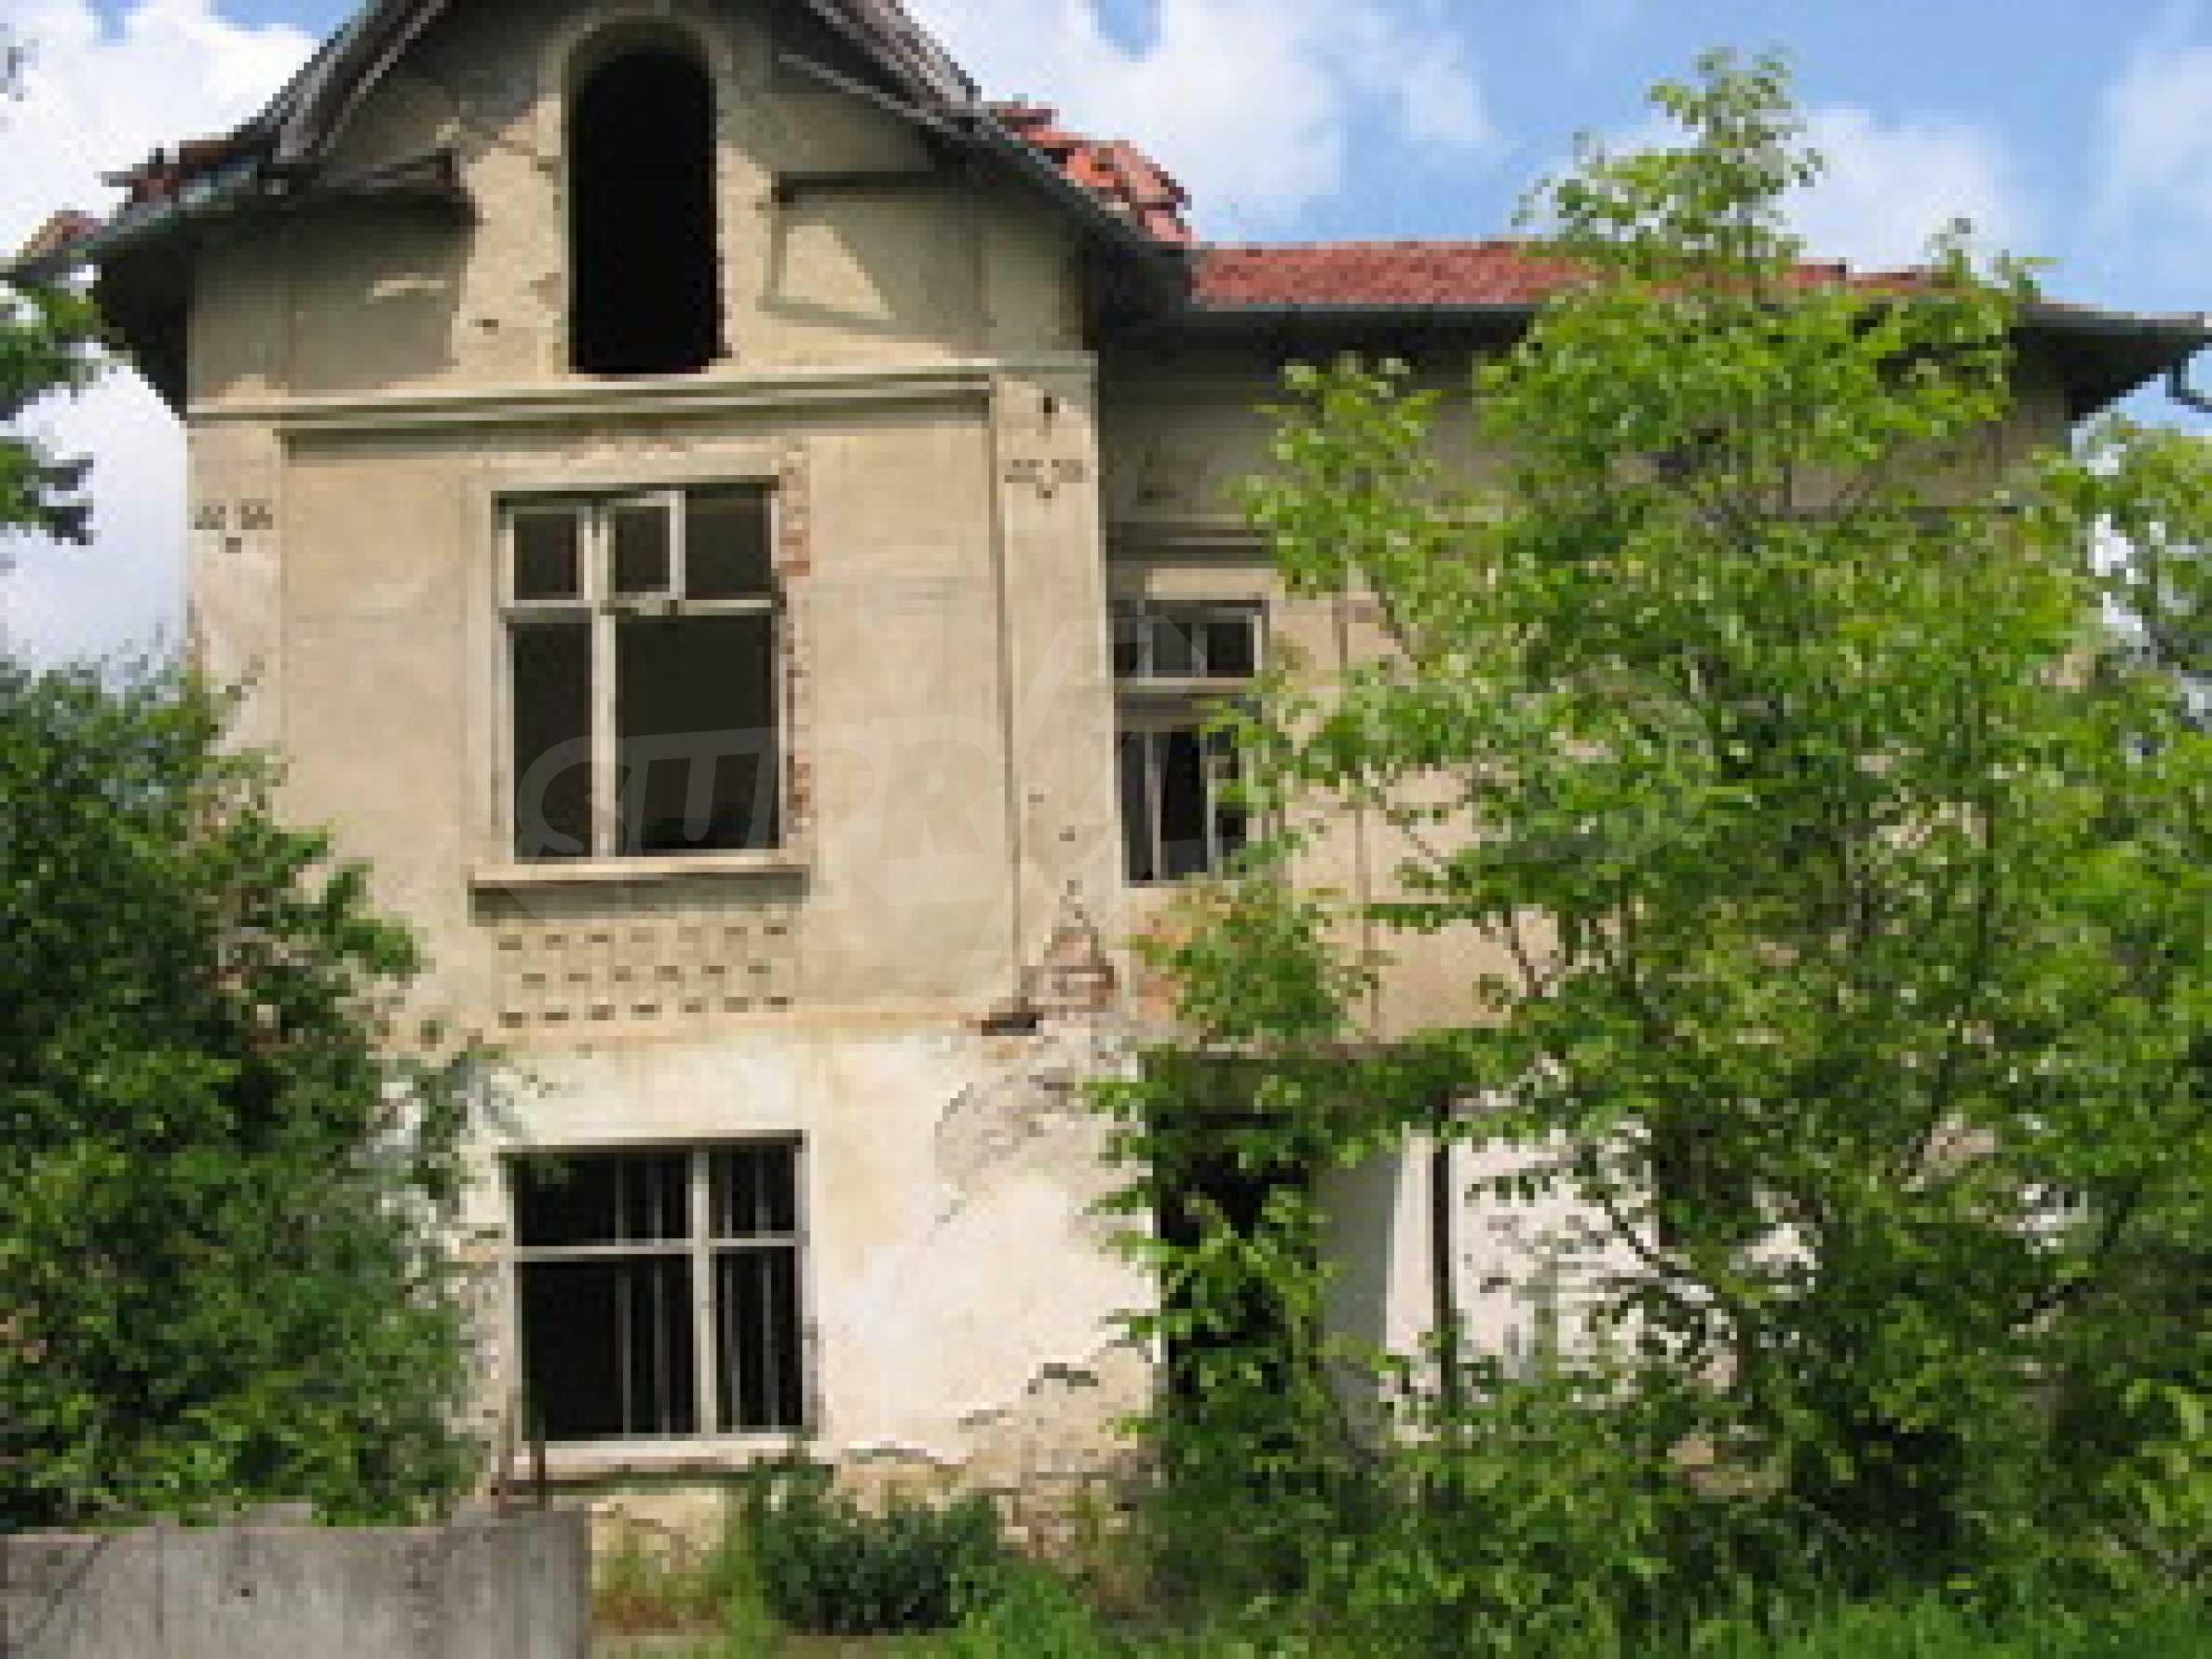 Zweistöckiges Haus mit Hof in einem Dorf, 38 km von Veliko Tarnovo entfernt